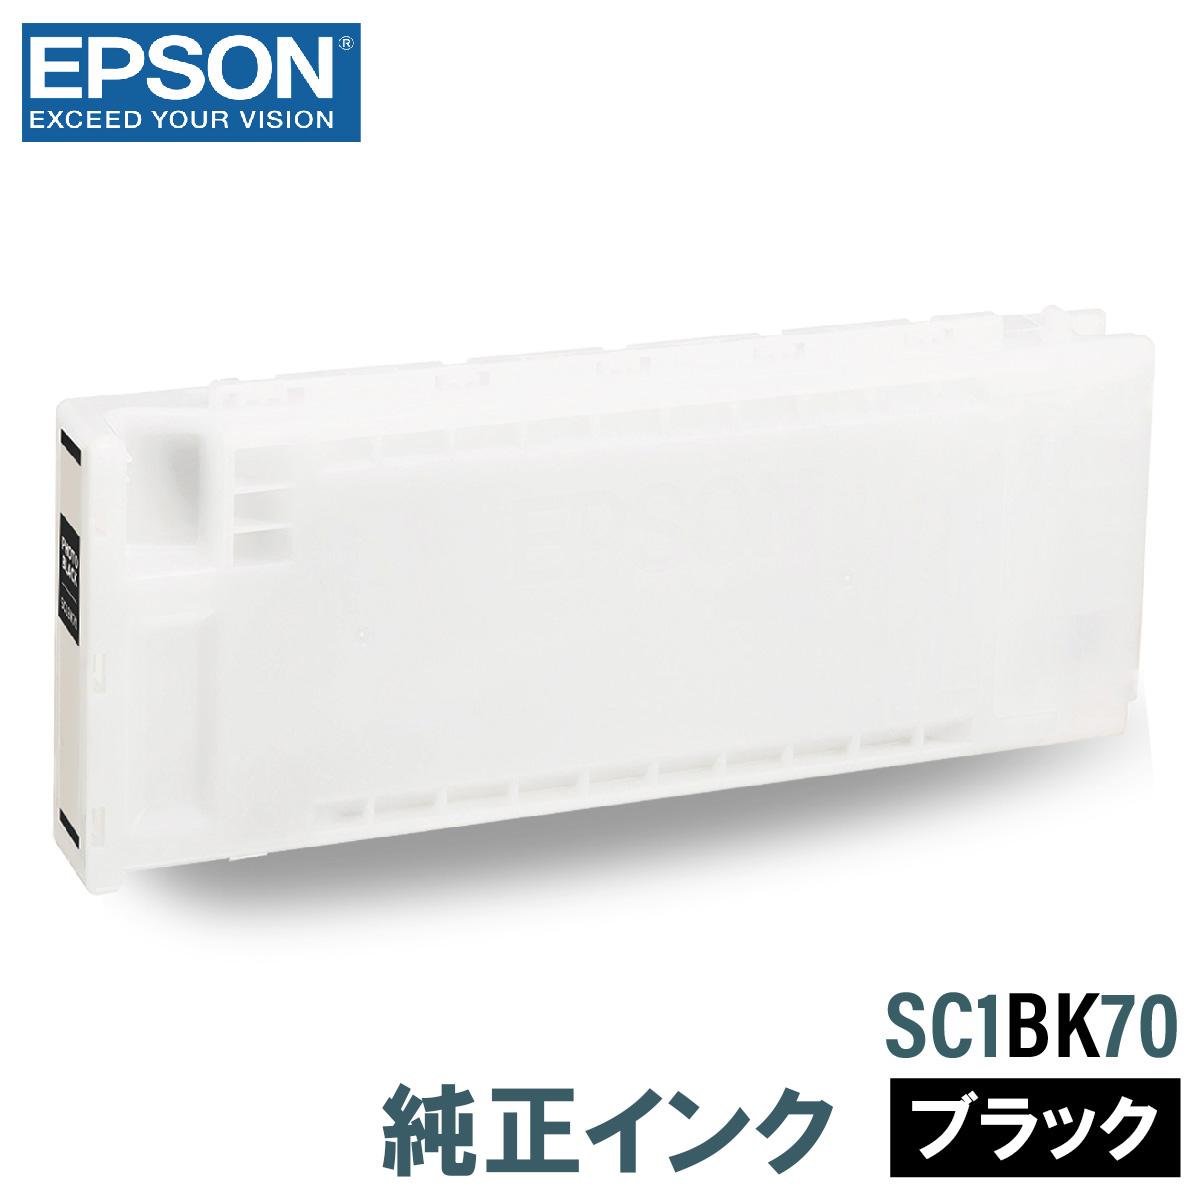 エプソン 純正インク EPSON SC1BK70 ブラック 700ml